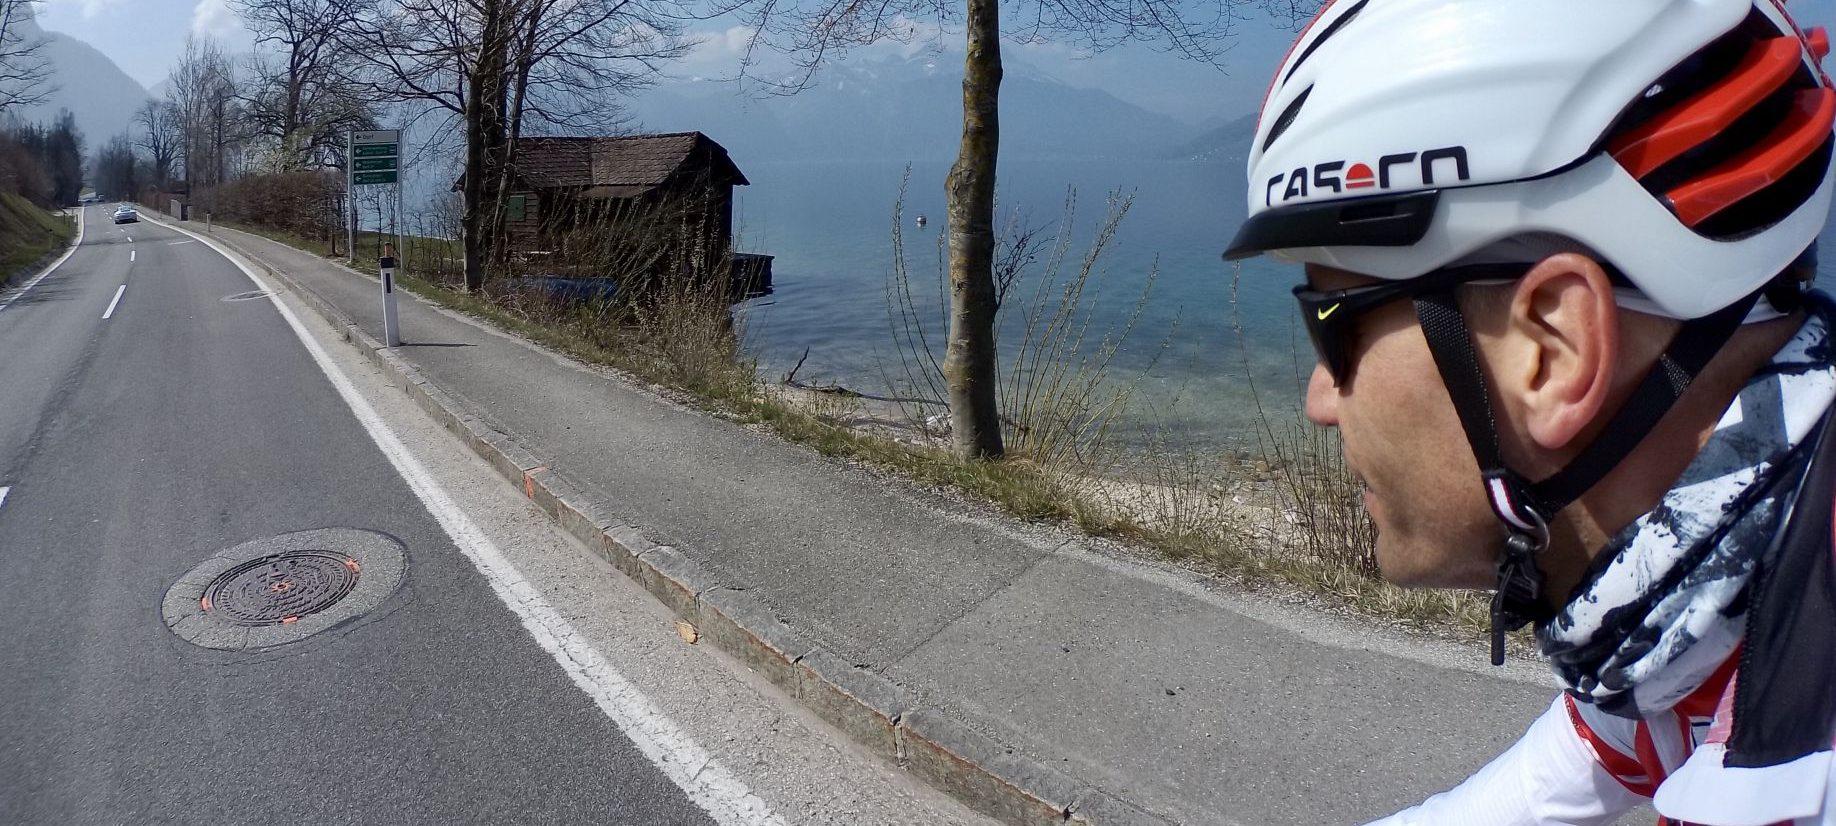 Randonneure Austria Brevet 200km – April 2019